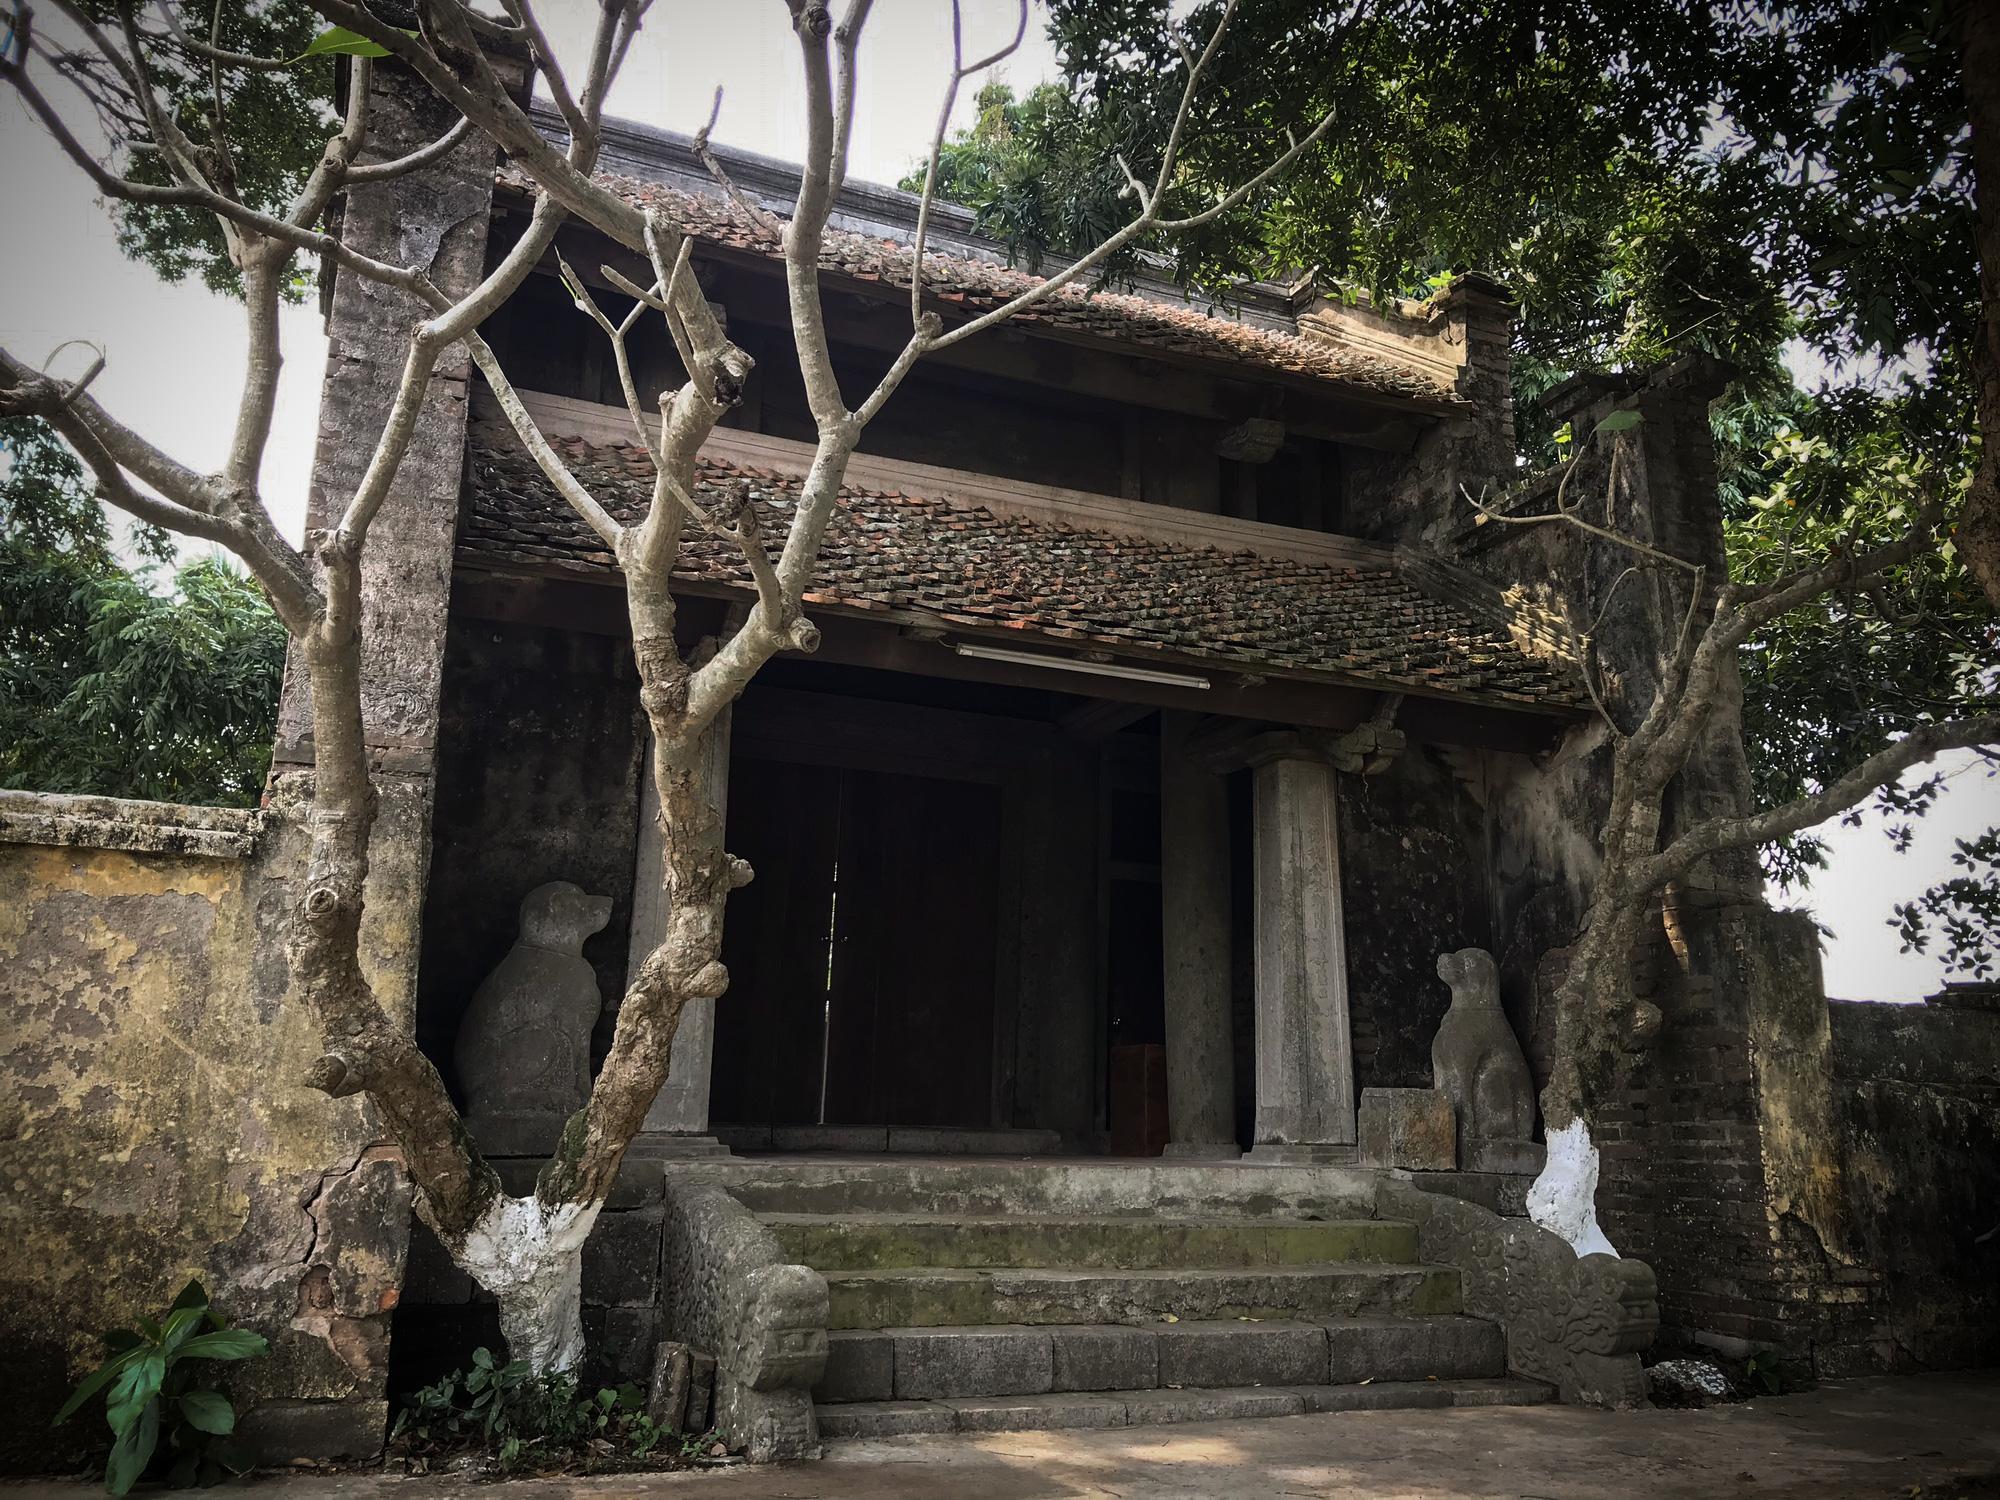 Đền đá Phú Đa: Nét kiến trúc độc đáo tồn tại hơn 300 năm lịch sử - Ảnh 4.